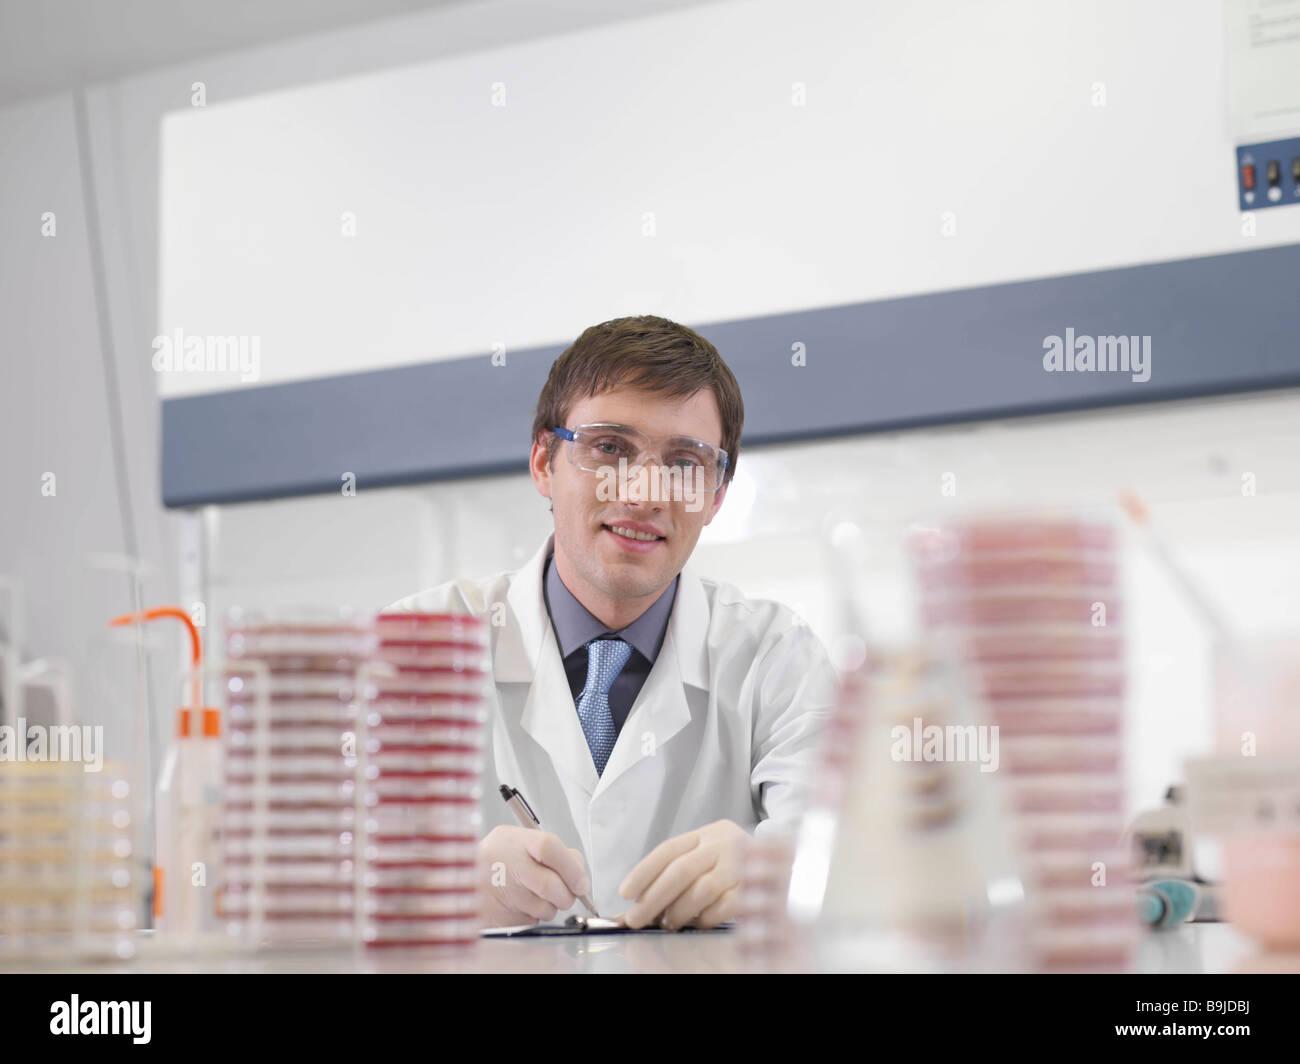 Technicien de laboratoire au travail Photo Stock